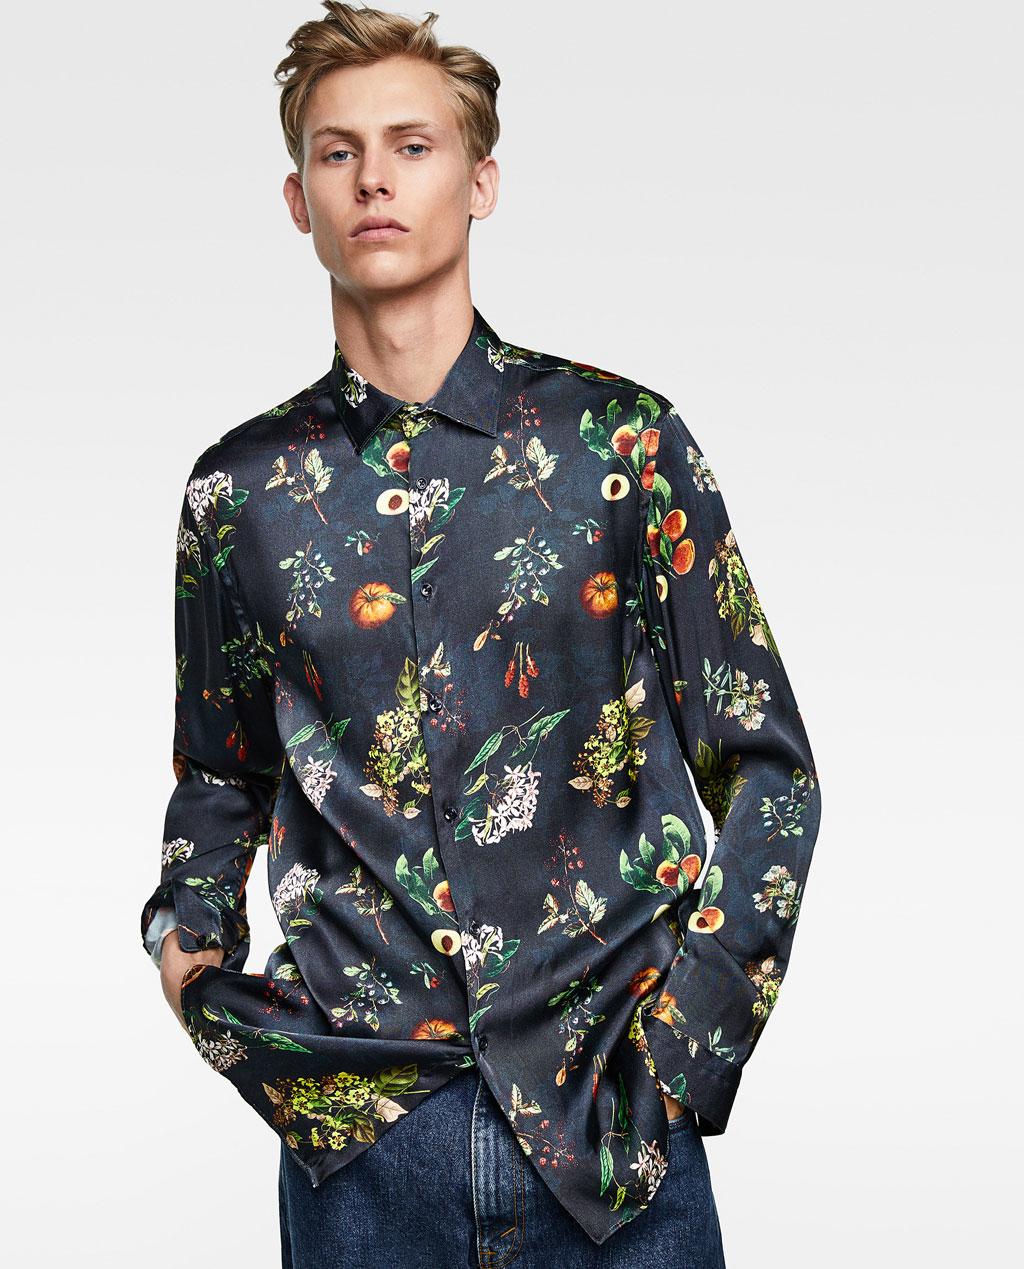 Thời trang nam Zara  24130 - ảnh 6